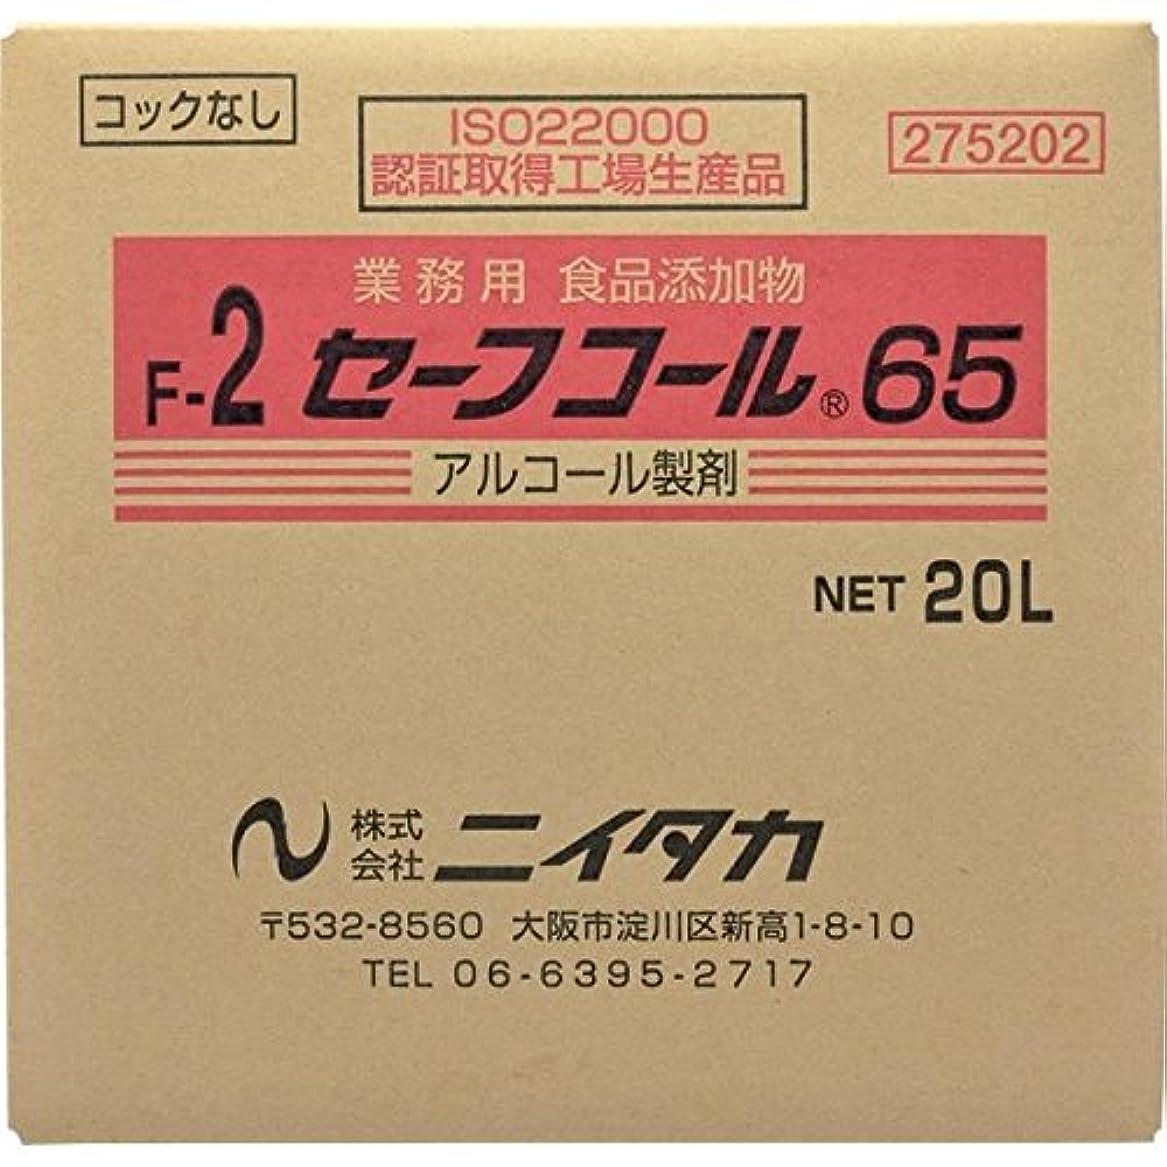 一節ブル全くニイタカ:セーフコール65(F-2) 20L(BIB) 275202